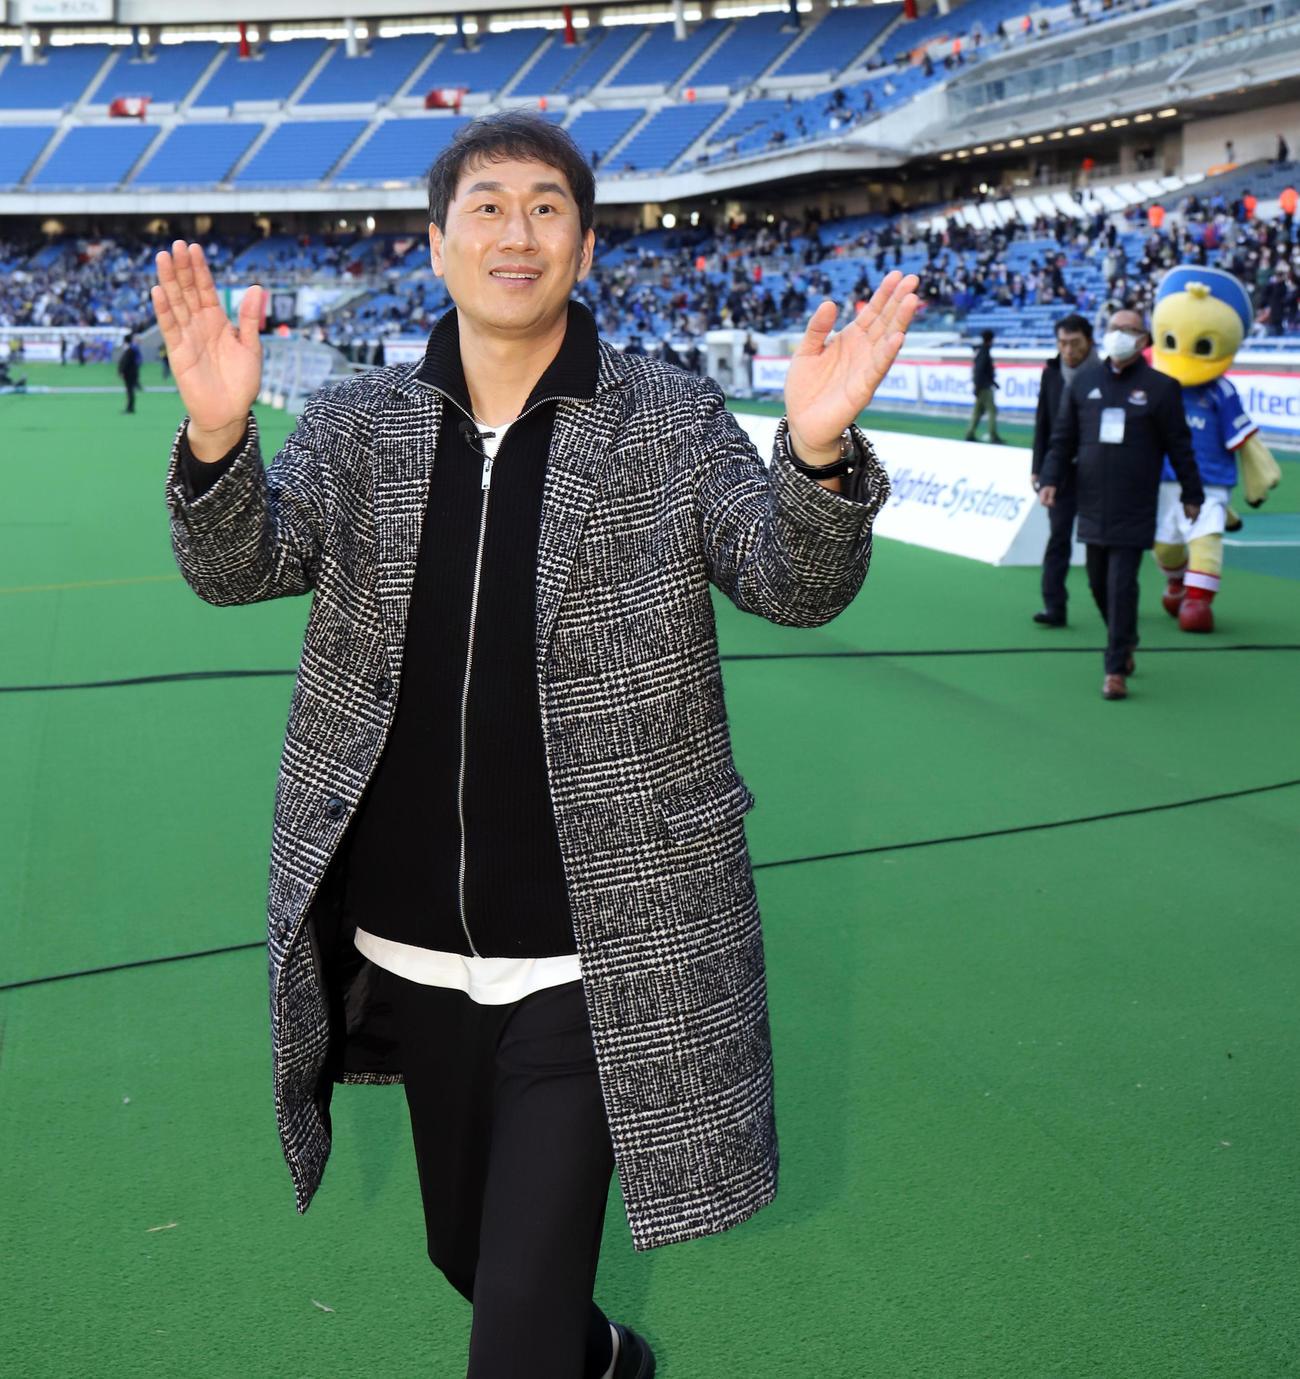 横浜対G大阪 試合後、仁川ユナイテッドのユ・サンチョル名誉監督は古巣の横浜サポーターの声援に笑顔で応える(撮影・垰建太)